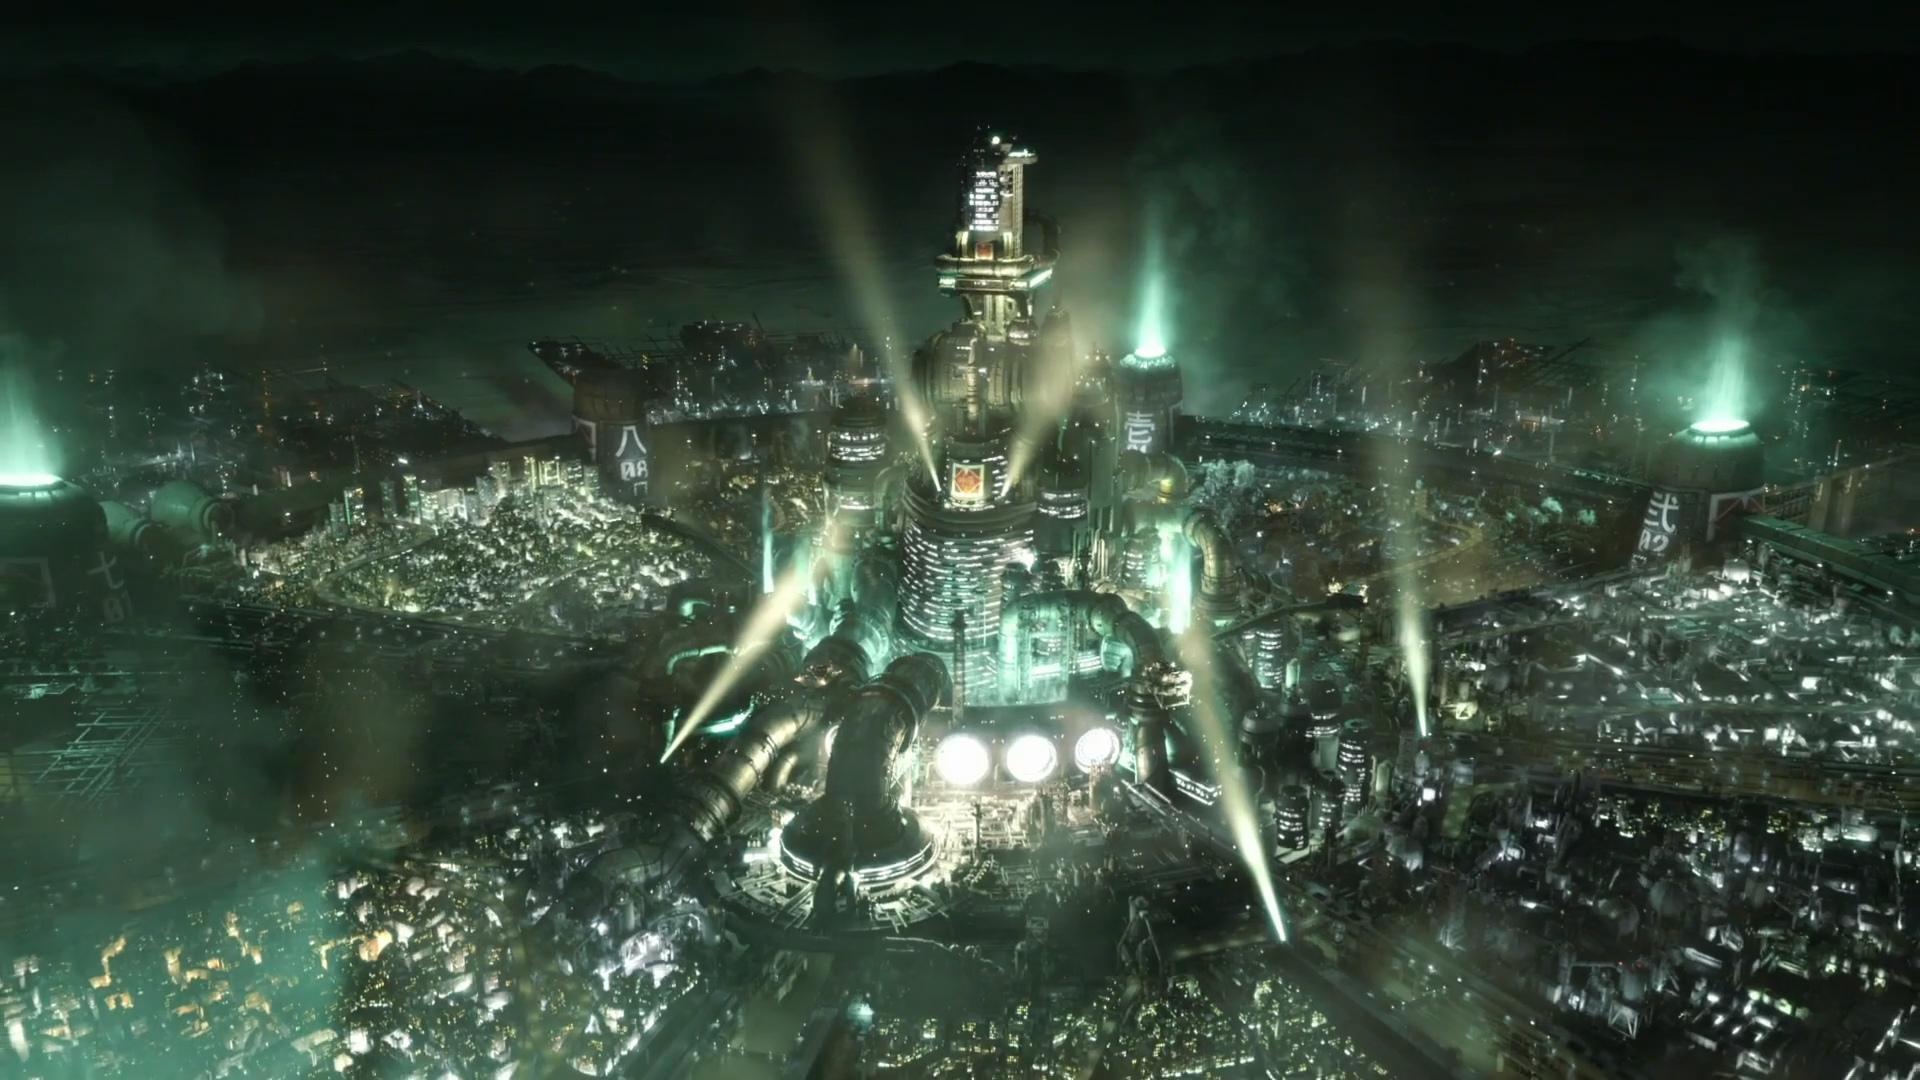 Ff7 リメイク は原作 オリジナル版 からどれくらい進化した 比較画像でわかるキャラクター 戦闘システム 街の変化